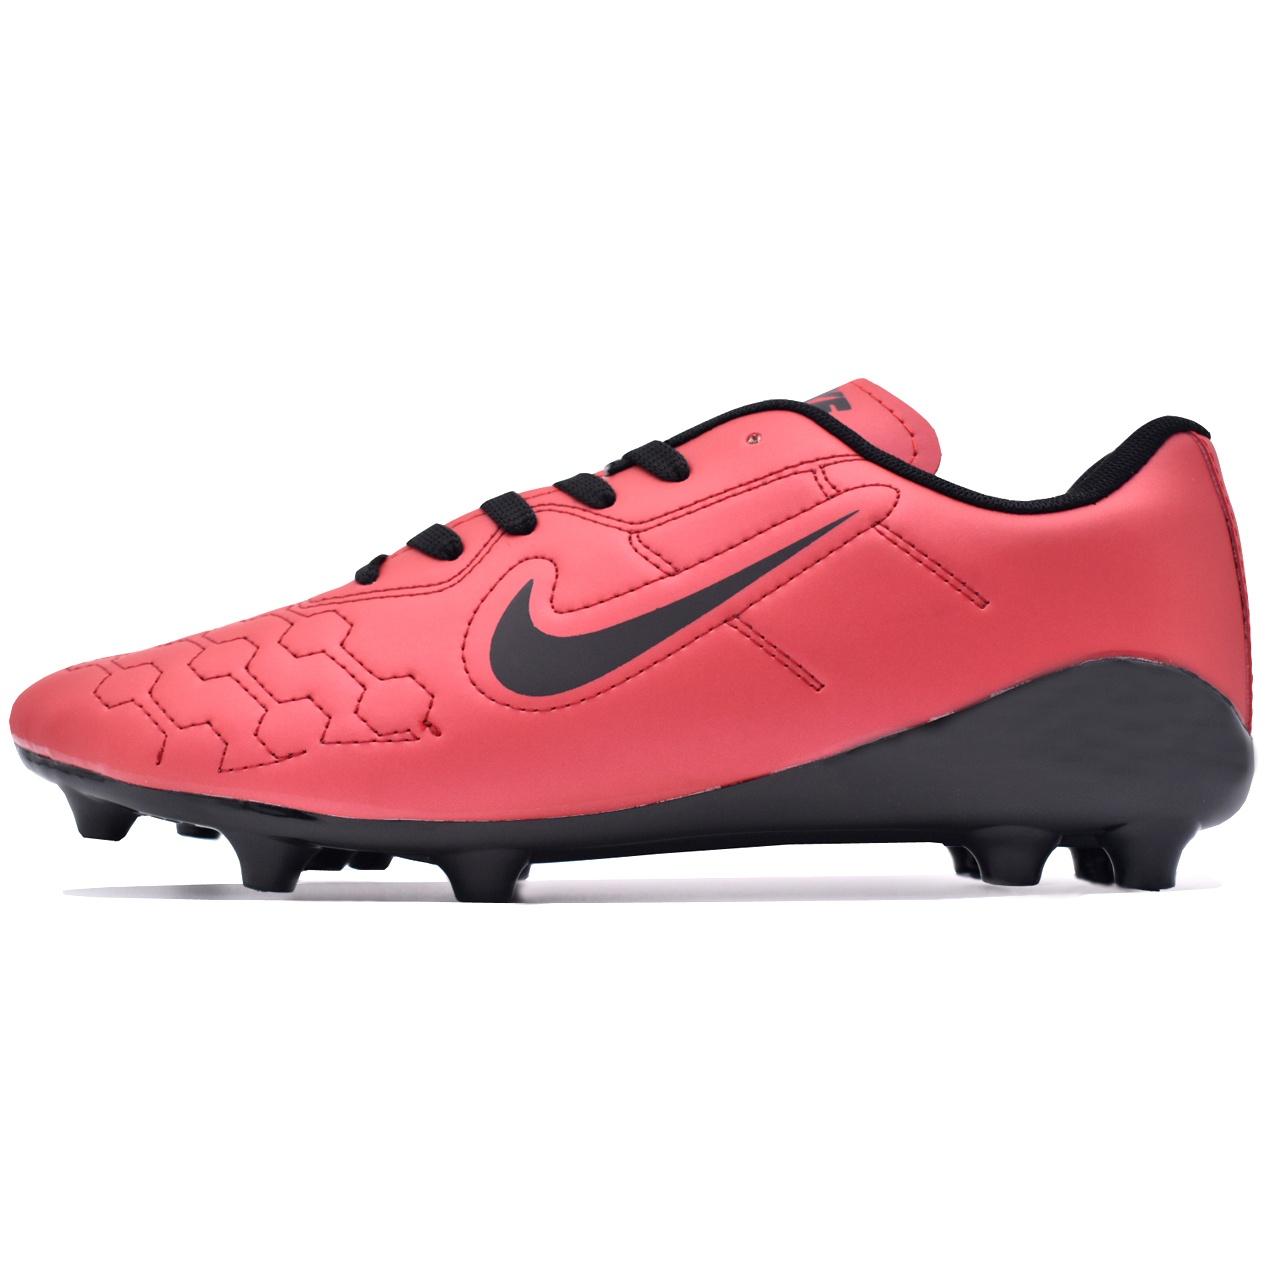 قیمت خرید کفش فوتبال مردانه مدل SPEED1 اورجینال